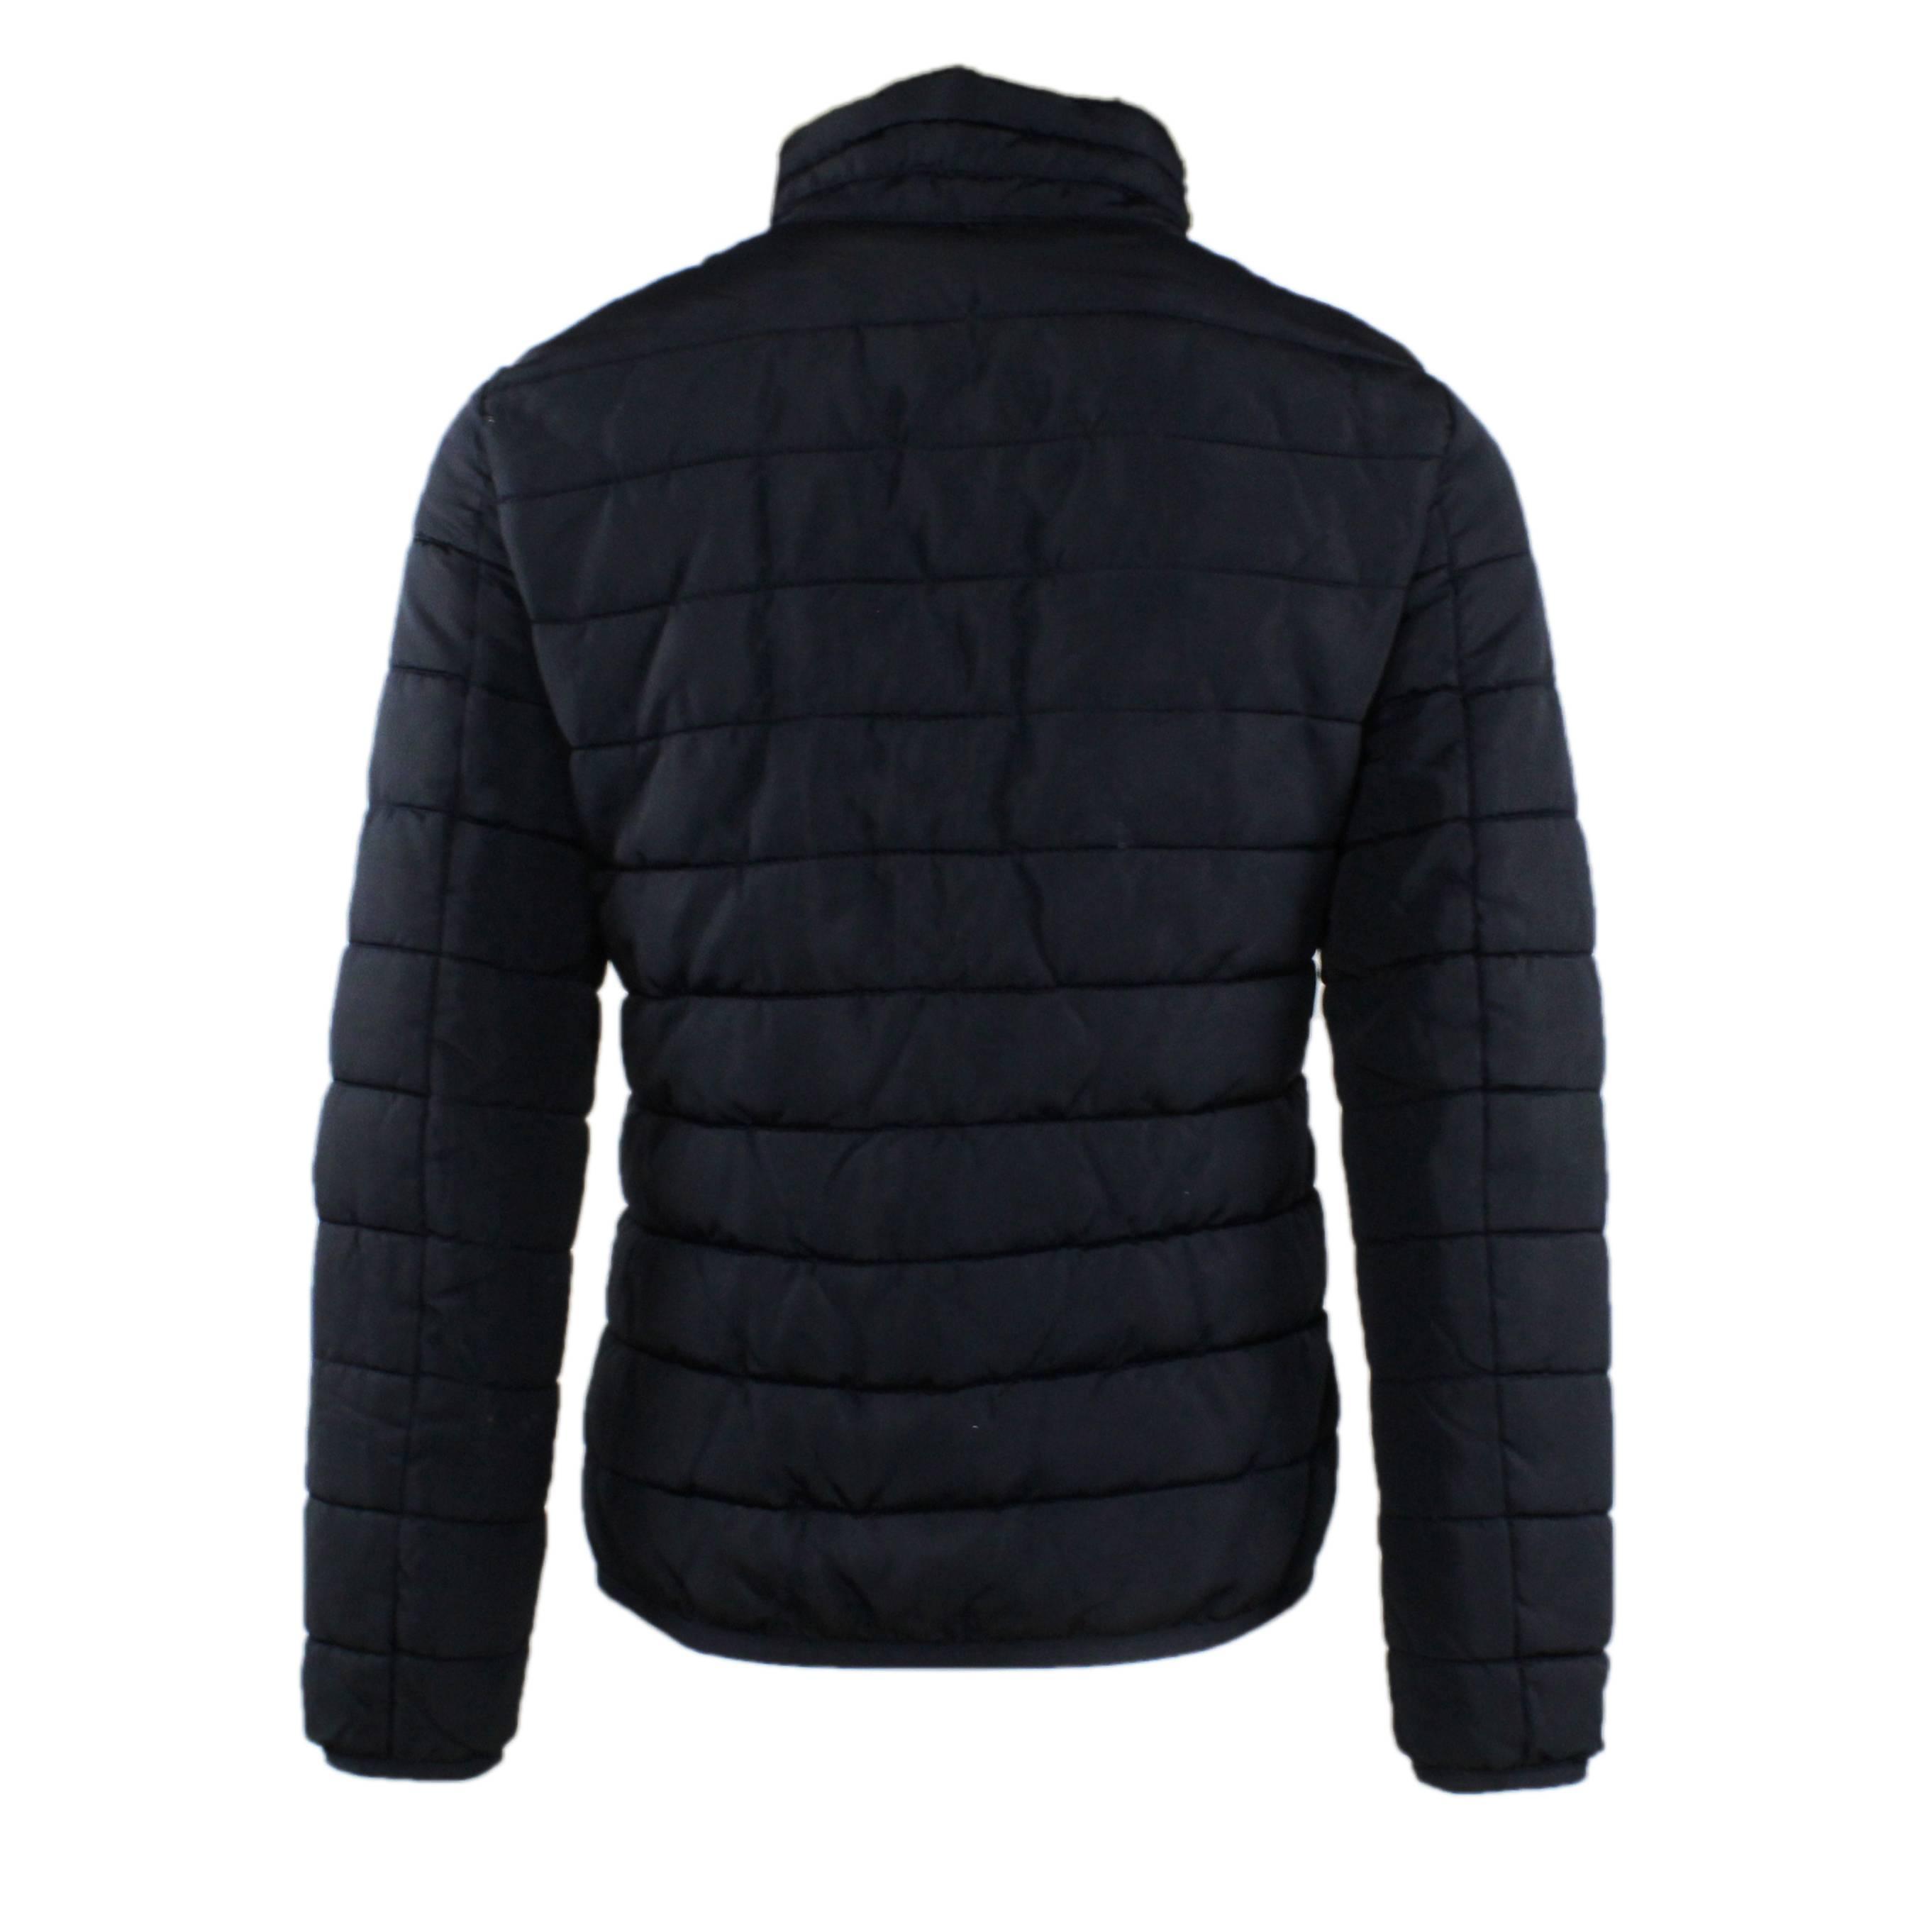 Piumino-Uomo-Invernale-Giubbotto-Elegante-Nero-Blu-con-Cappuccio-Giacca-a-Vento miniatura 5